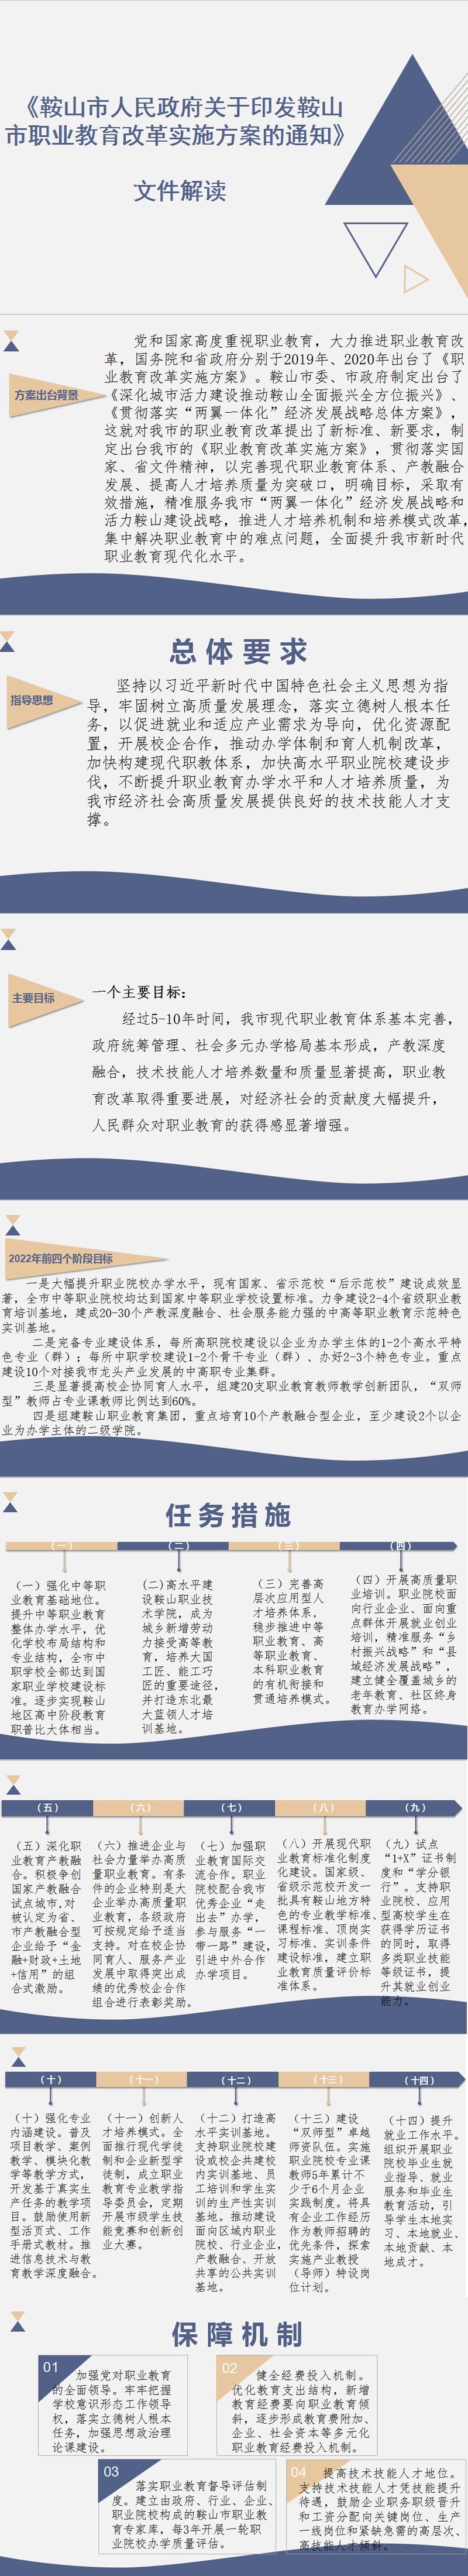 鞍山市教育局高职成科文件解读.jpg